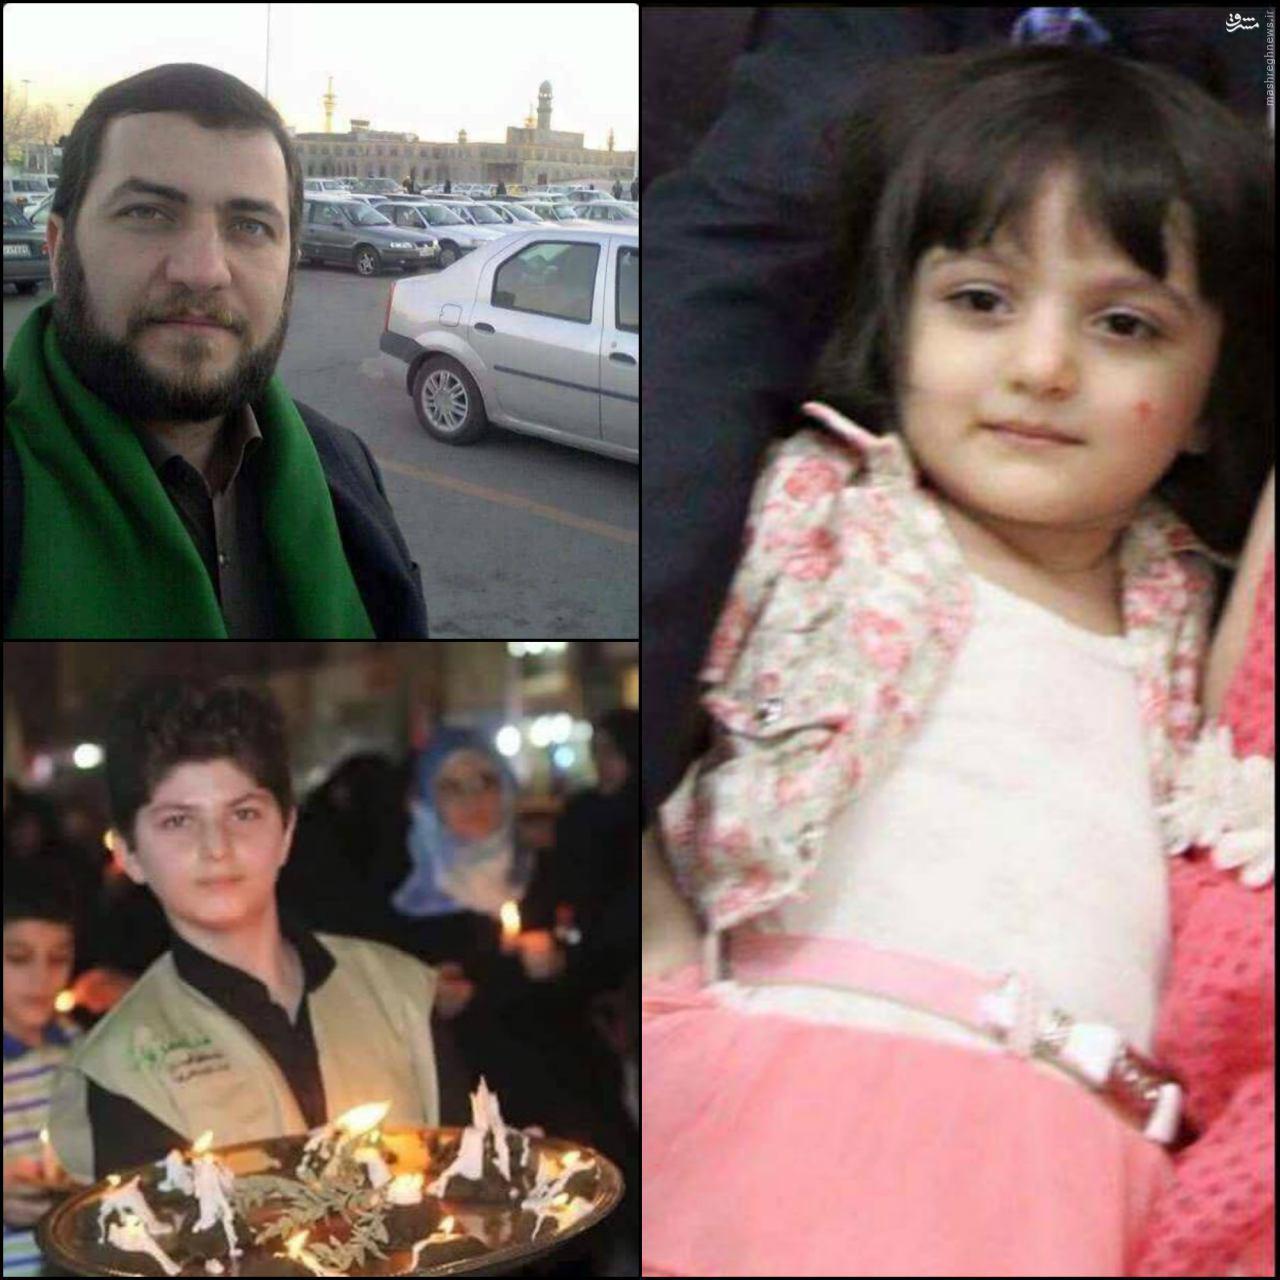 عکس/ پدر، پسر و دختری که در الکراده به شهادت رسیدند